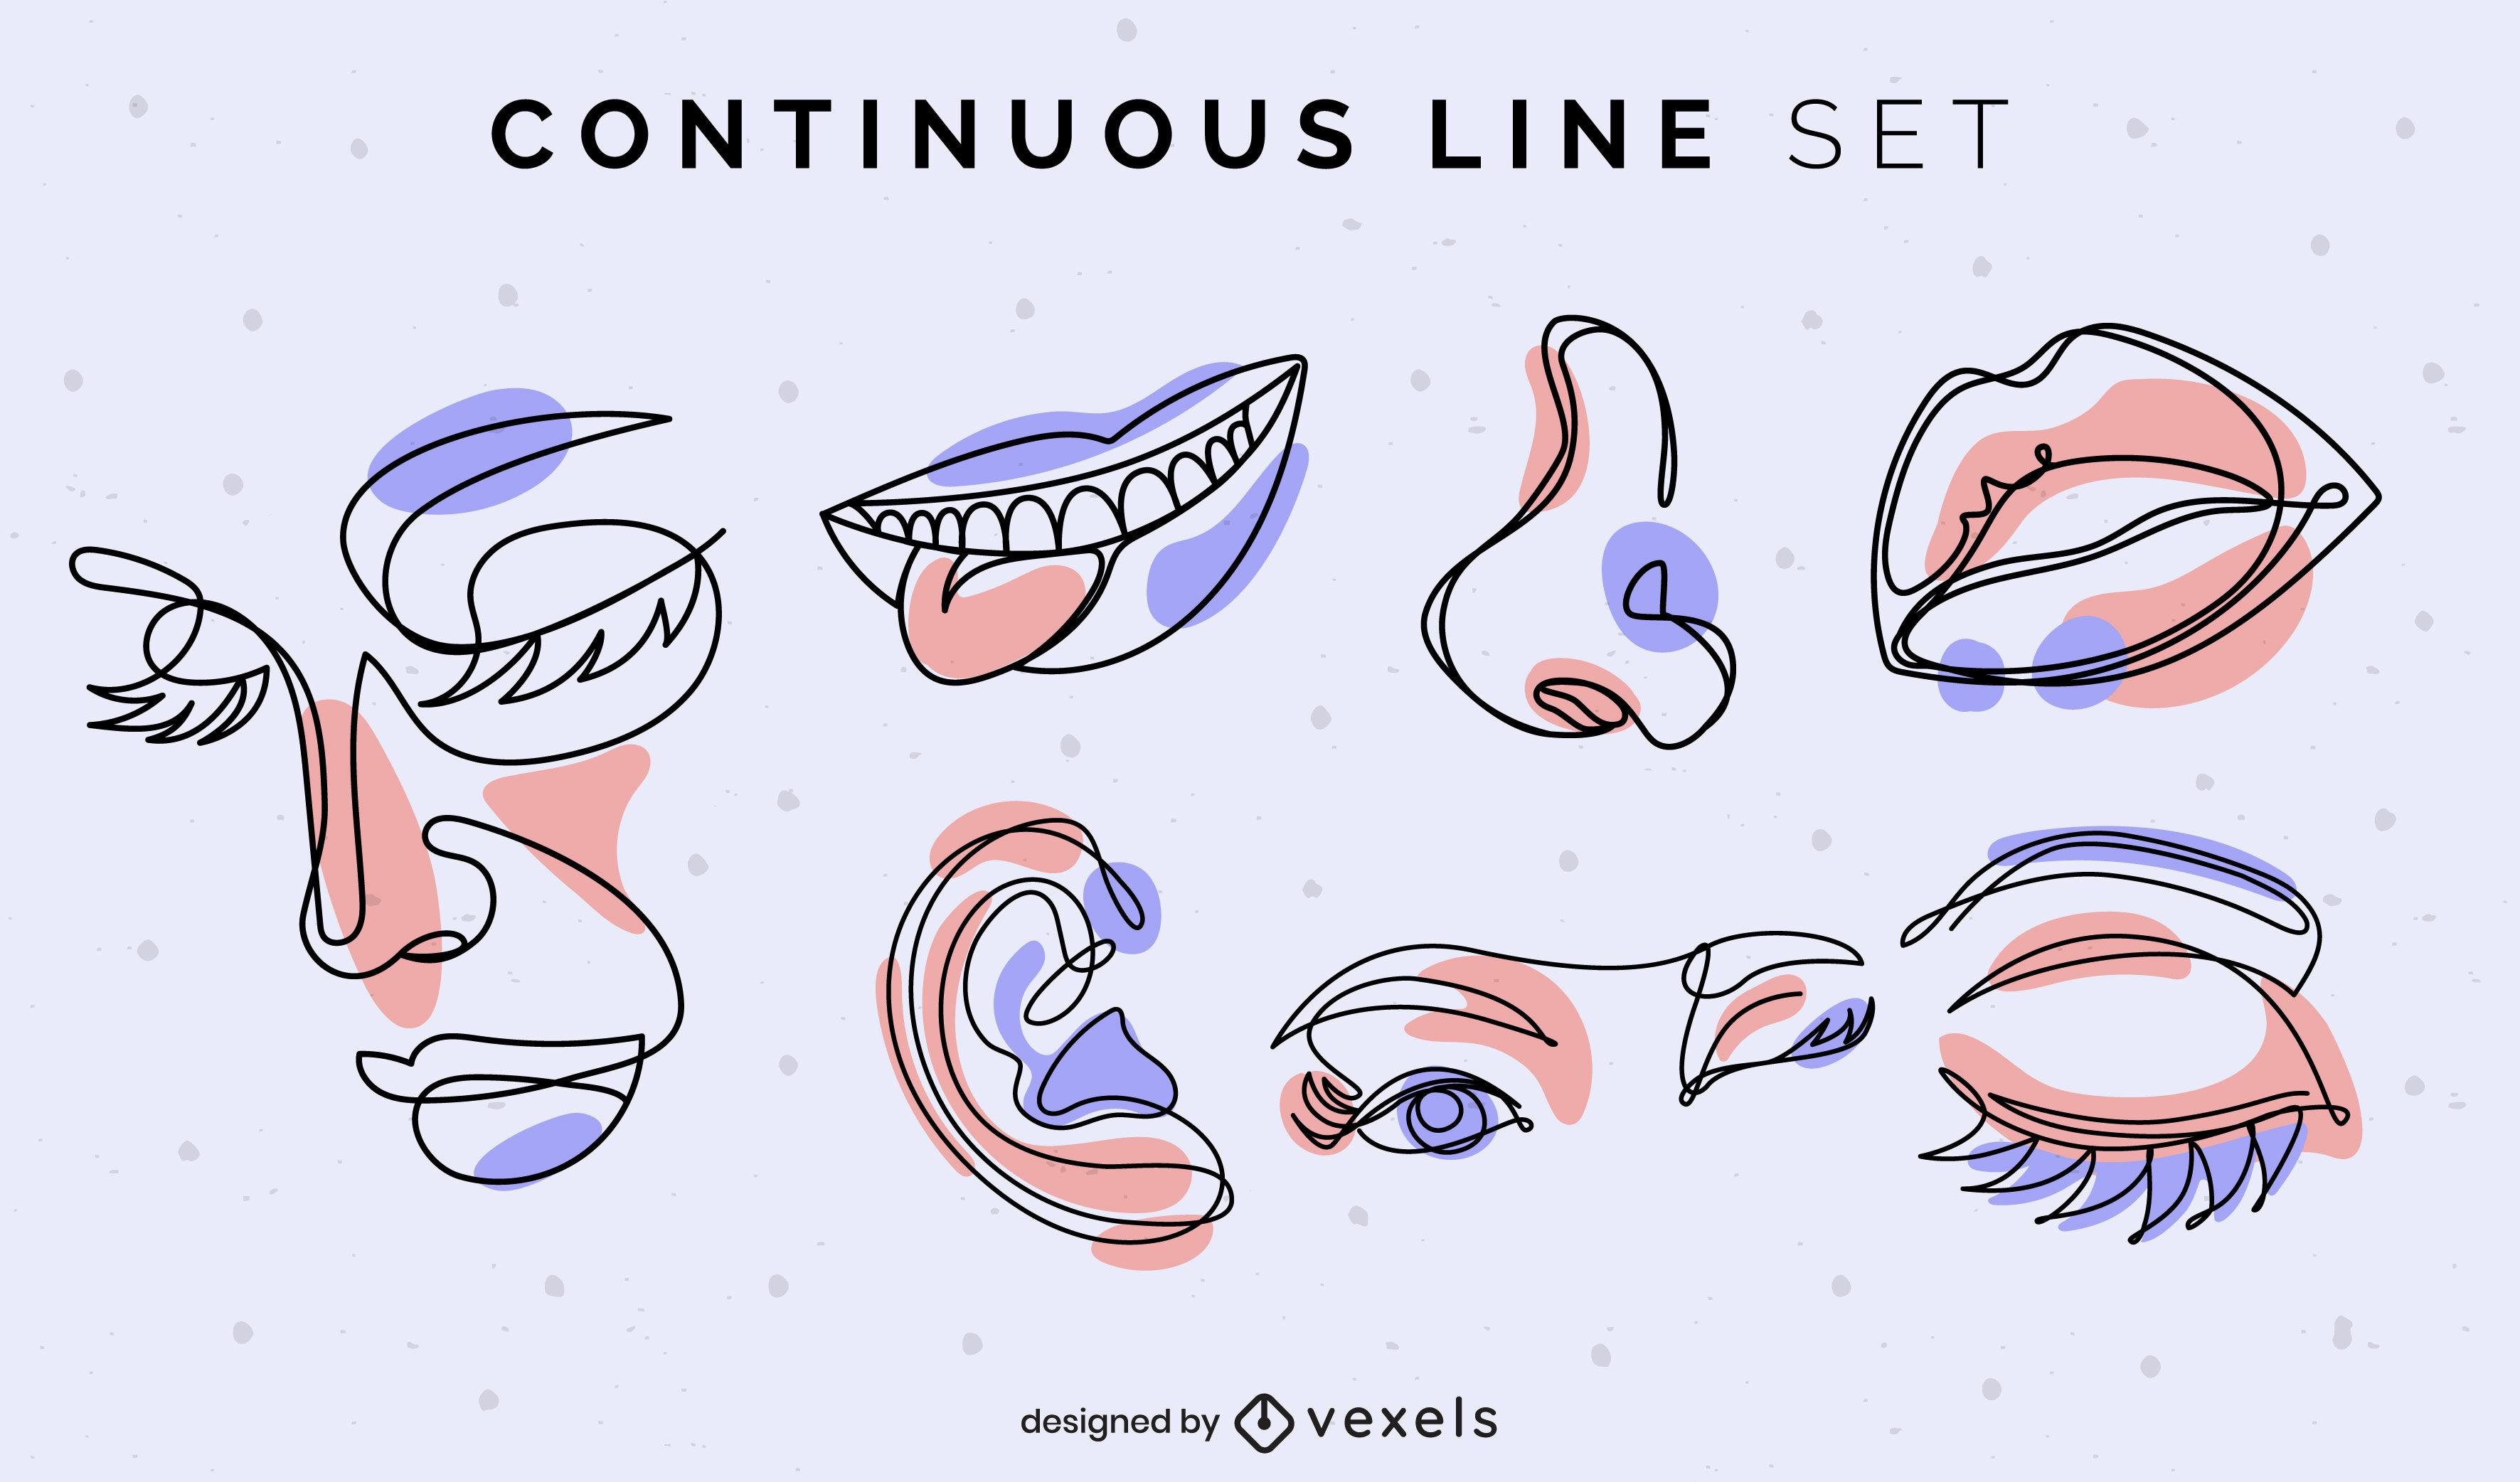 Conjunto de línea continua de elementos de anatomía facial